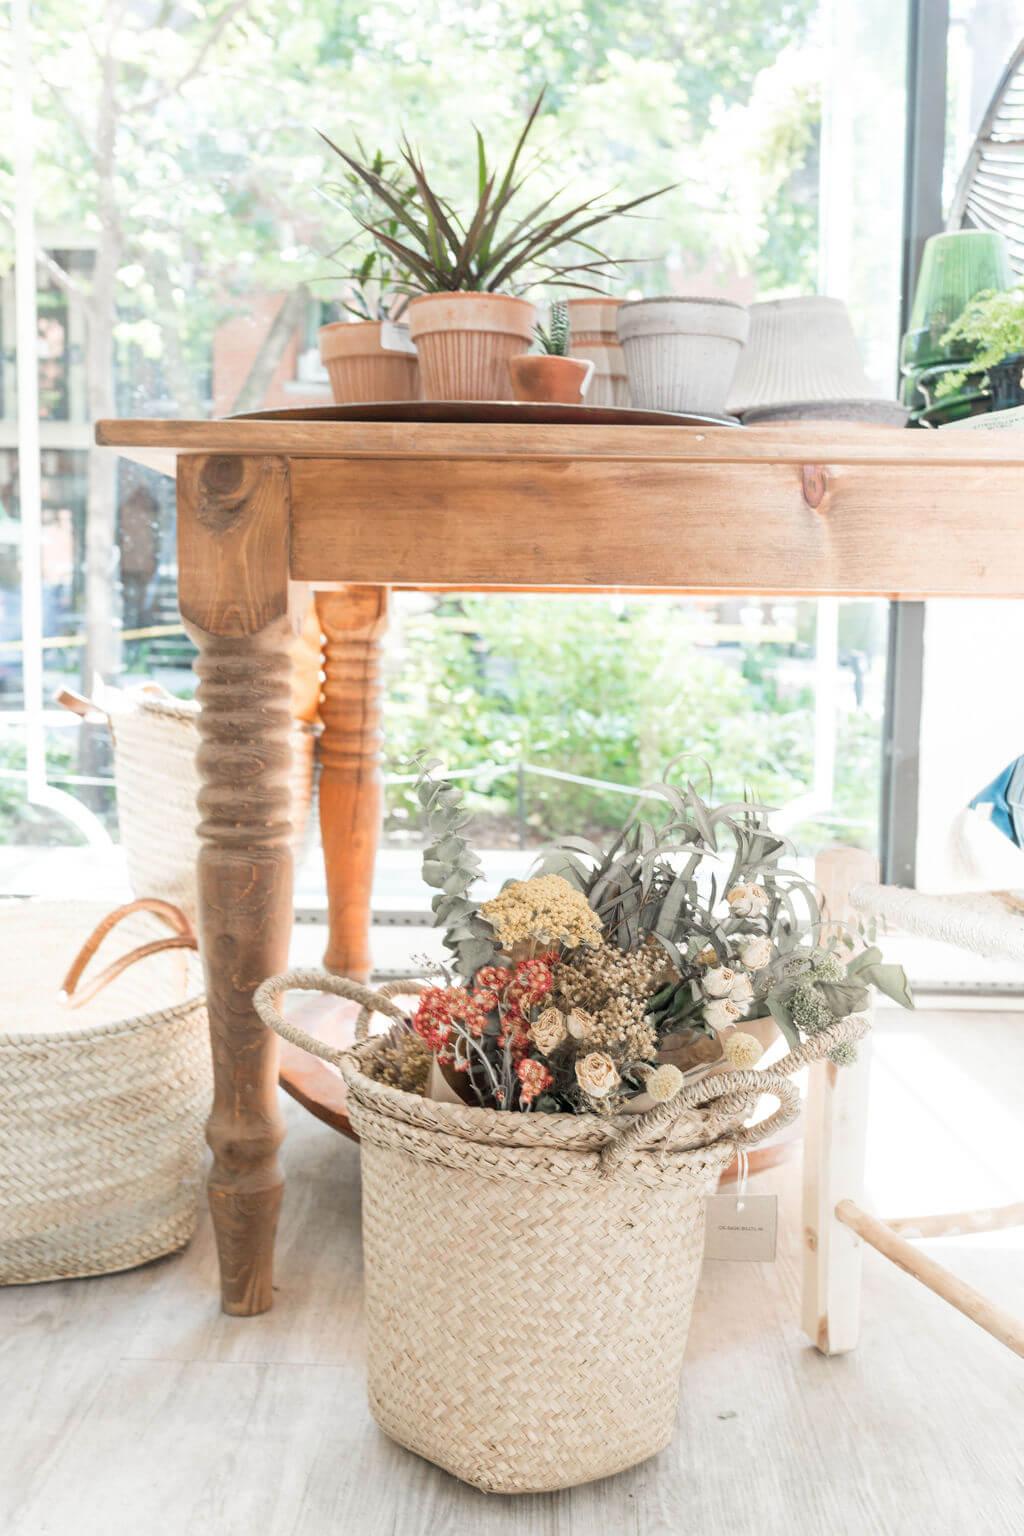 panier décoration fleurs séchées pot fleur.jpg